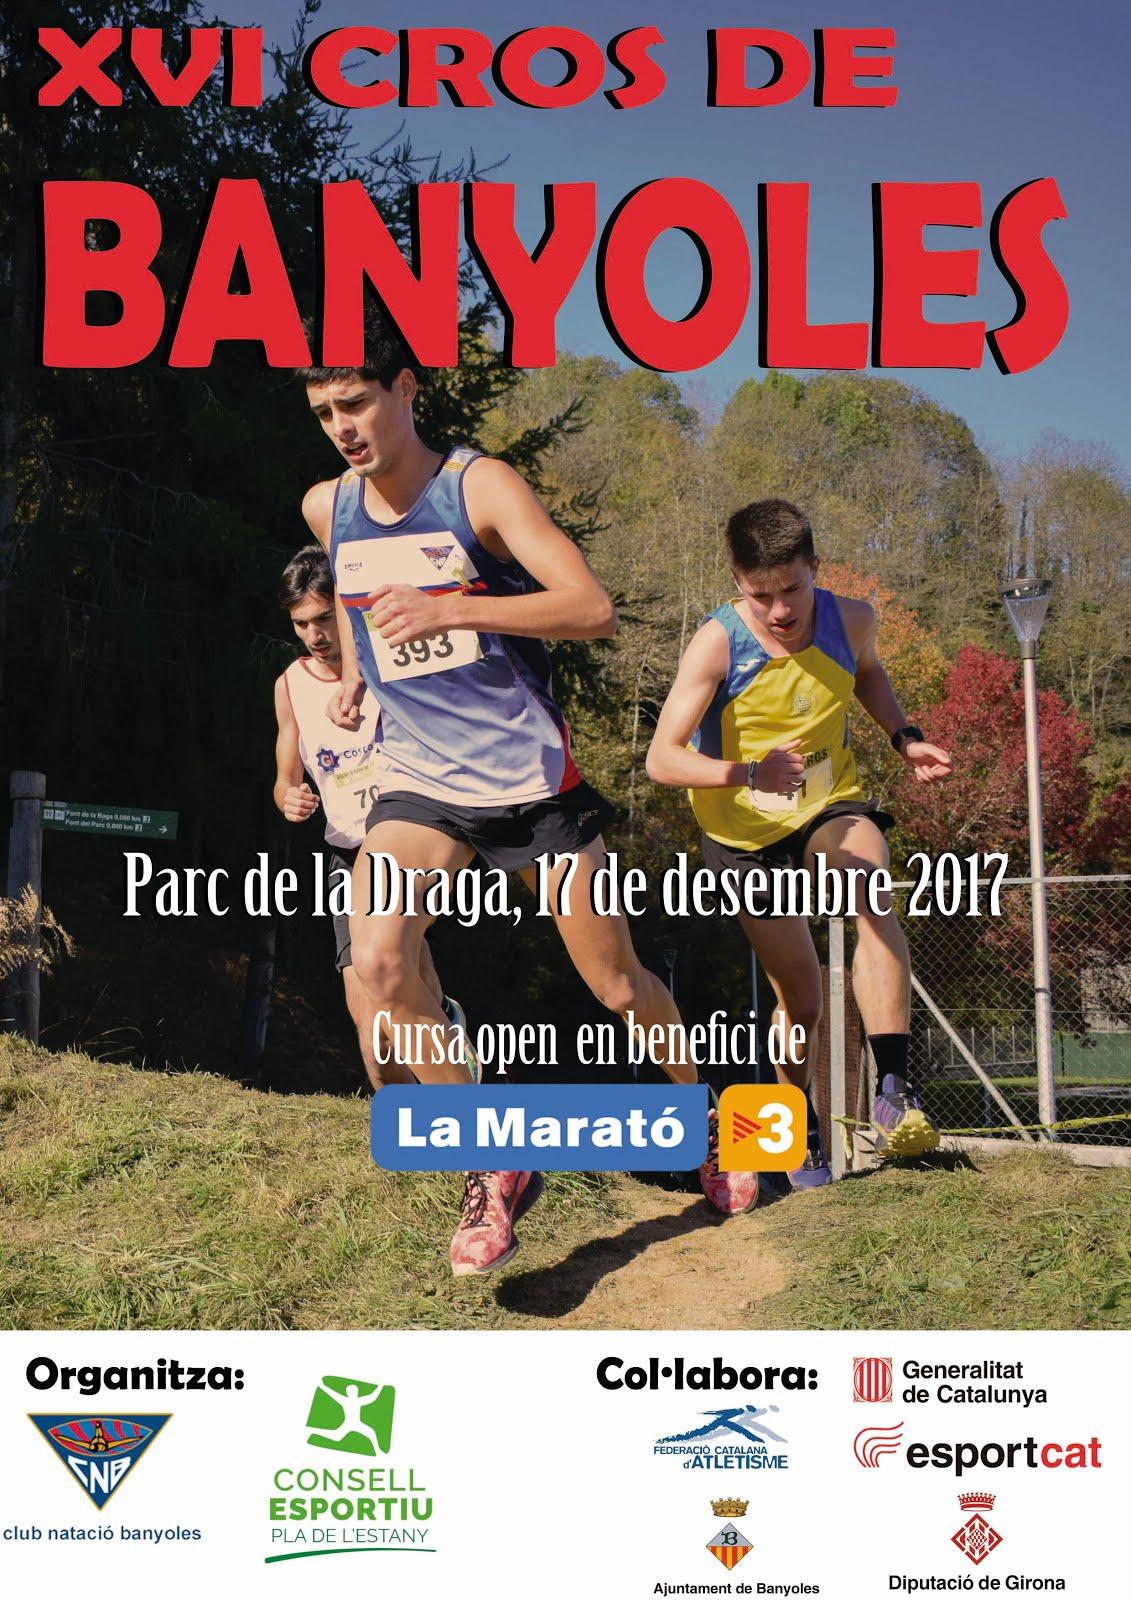 XVI CROS DE BANYOLES